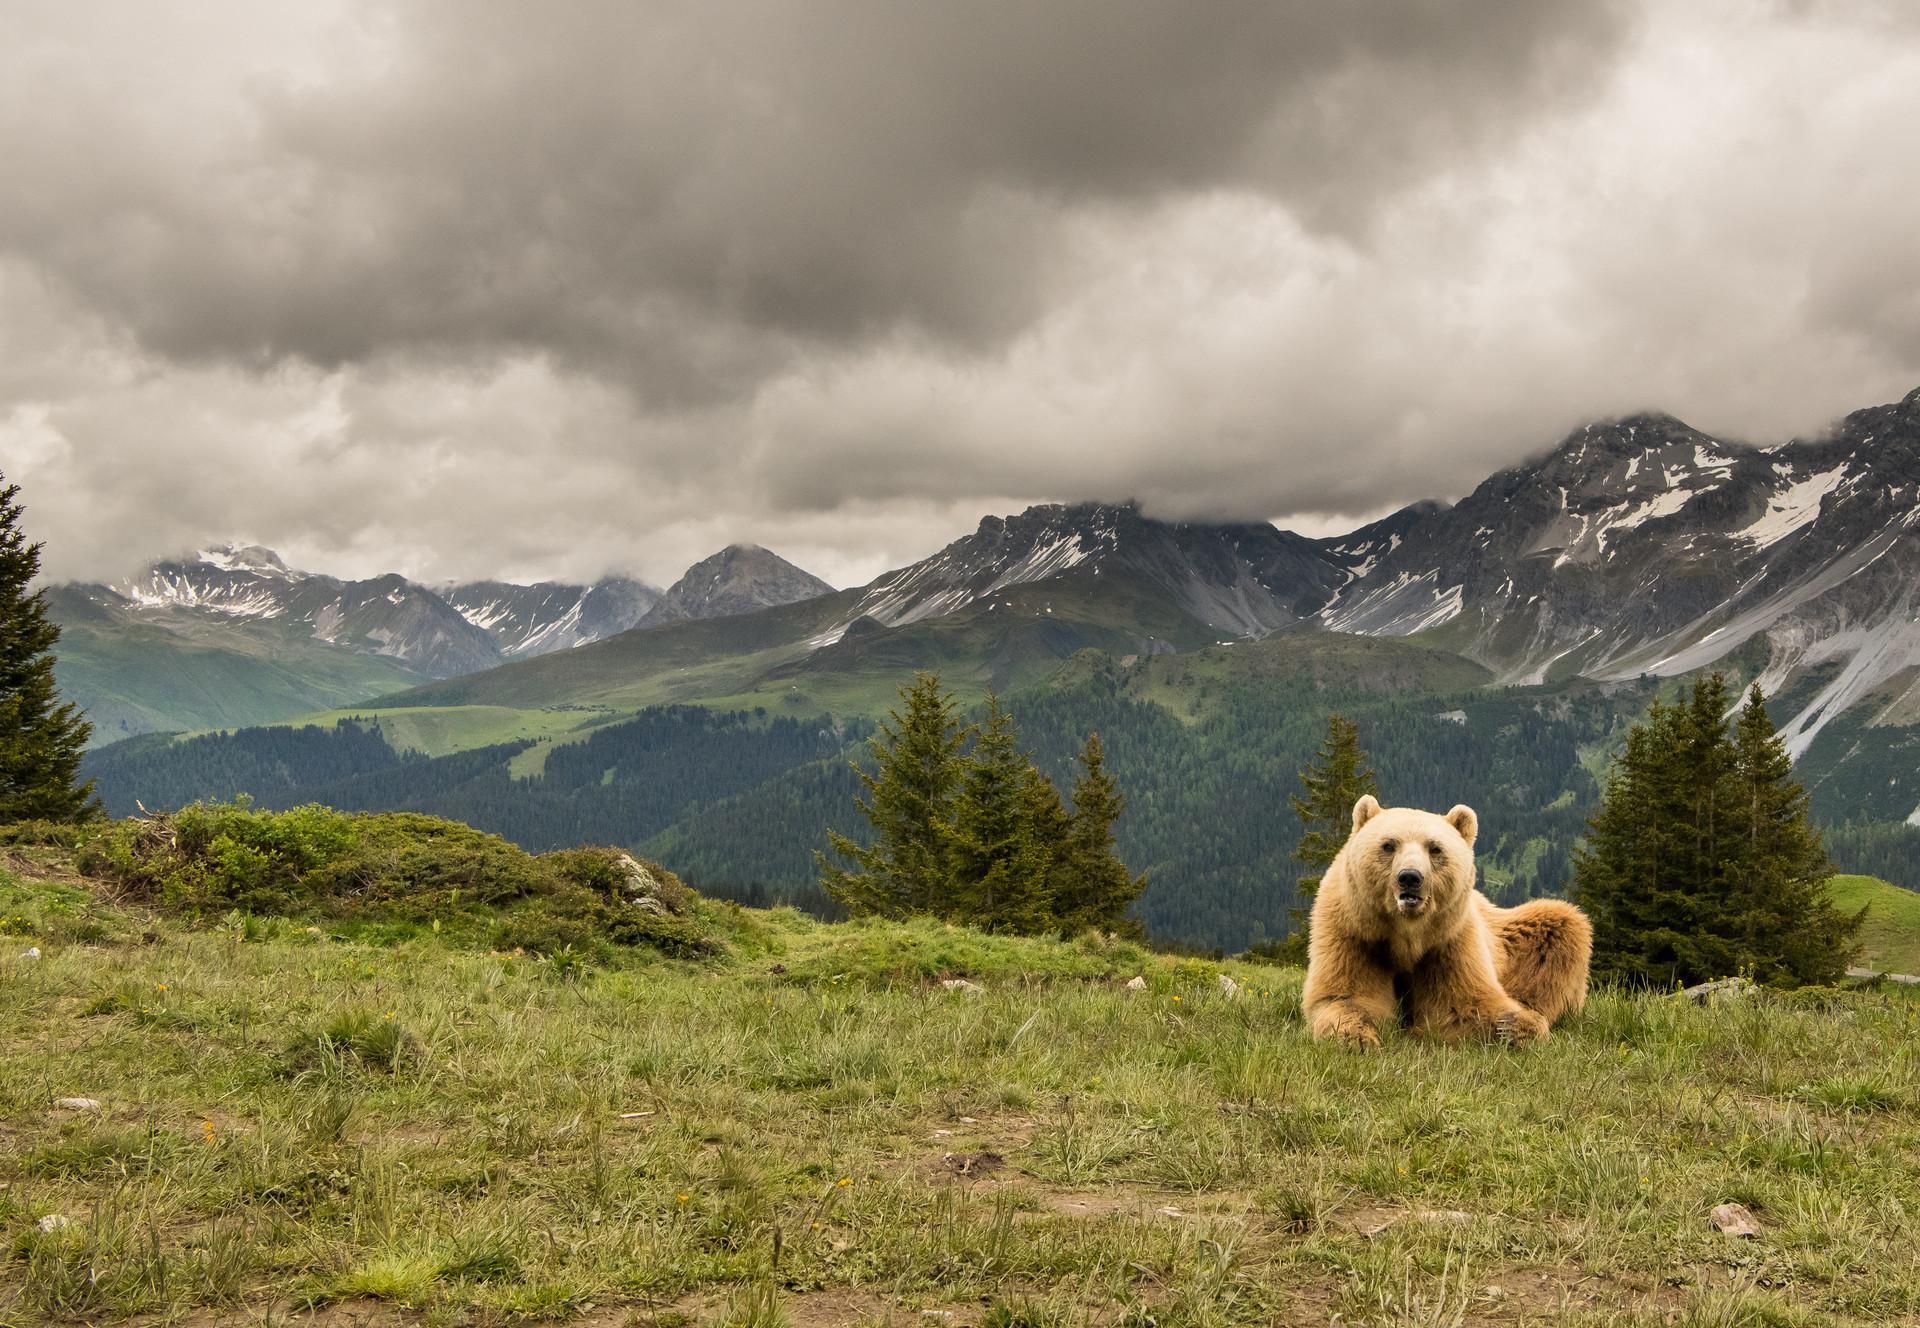 Bear Napa in the outdoor enclosure